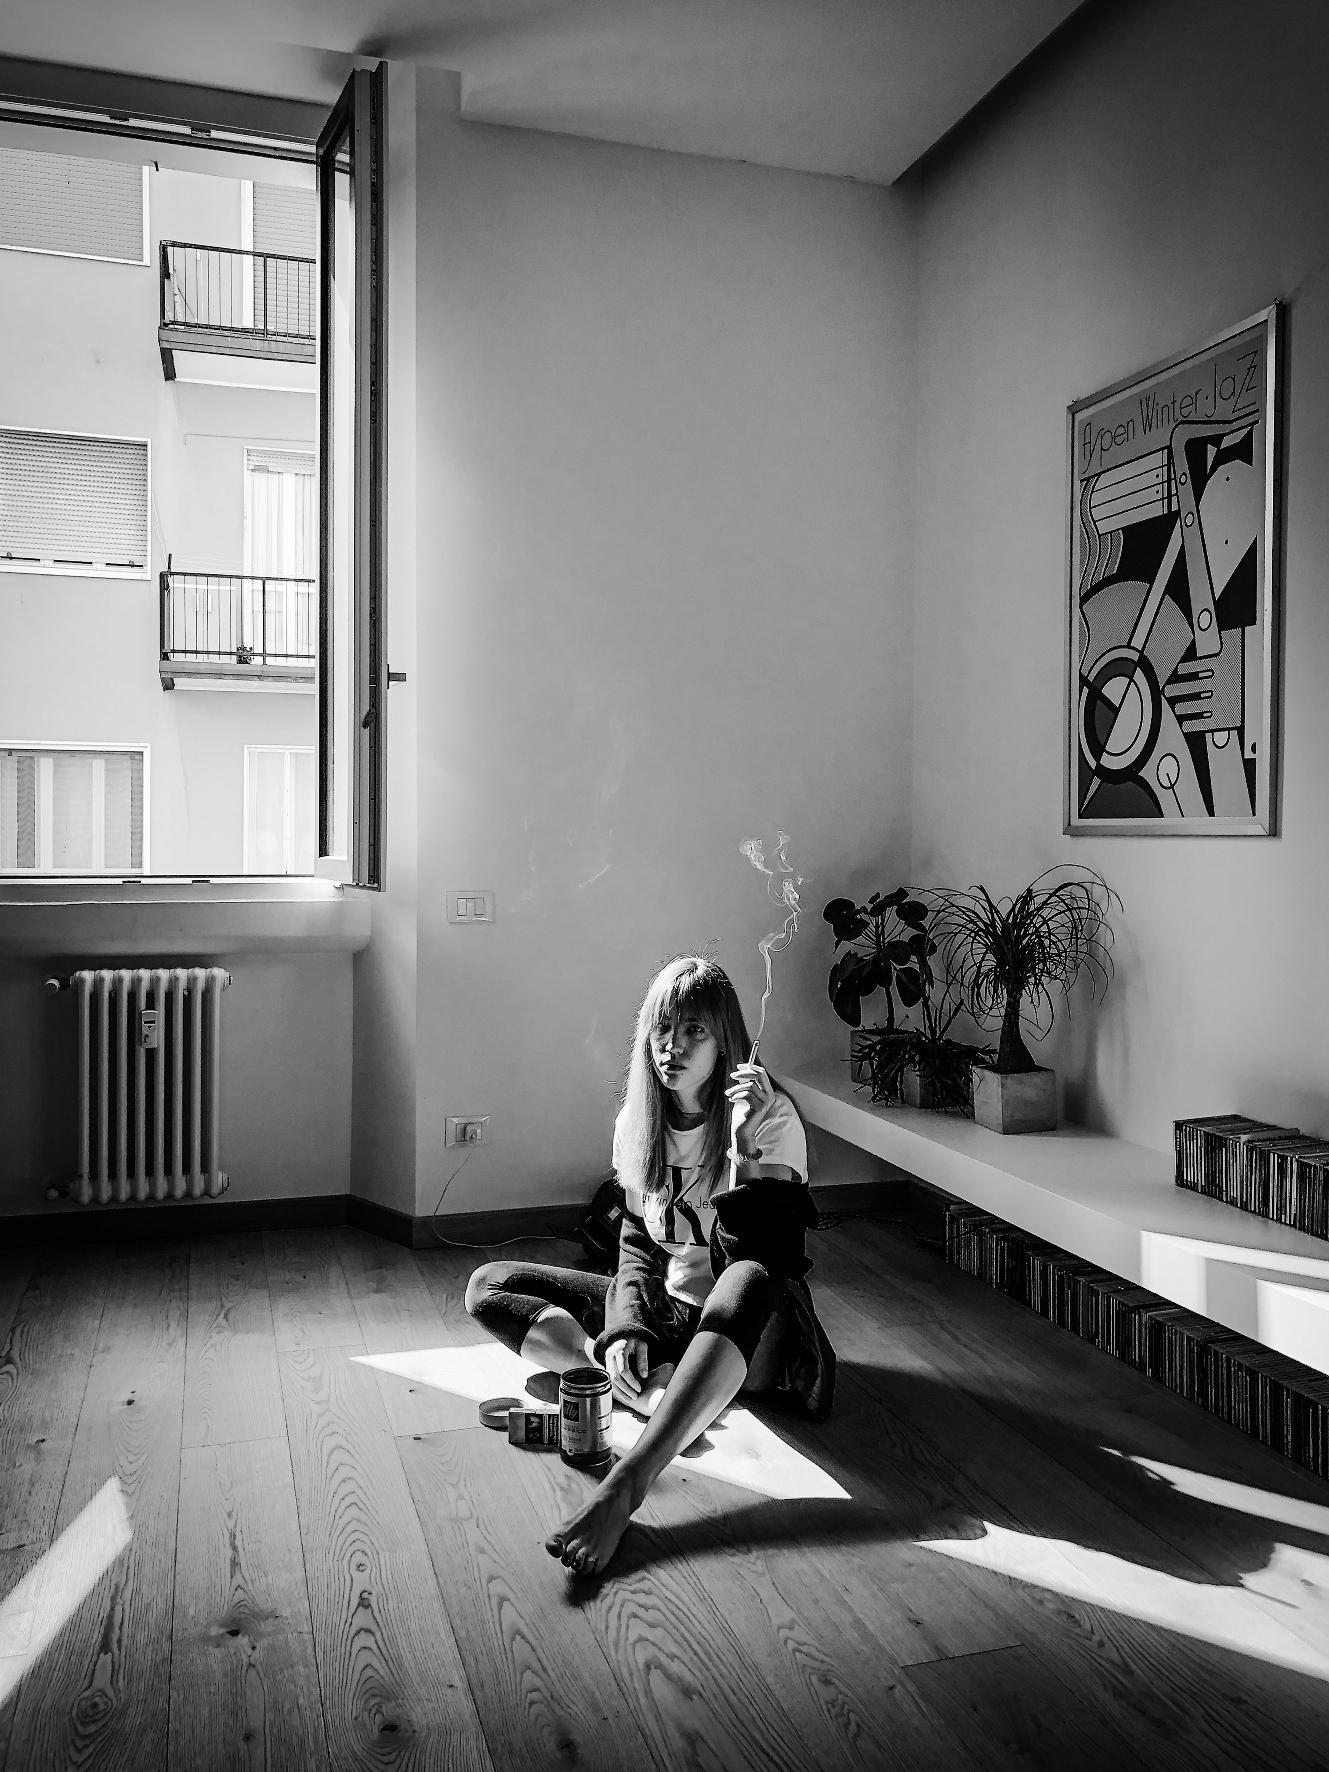 Mattia Zoppellaro. «Ogni sera a casa mia organizzo un cineforum, molto esclusivo, con soli due posti disponibili, uno per me e uno per la mia ragazza. È anche meglio del cinema, visto che si può fumare… Ieri abbiamo visto Raging Bull (Toro Scatenato). Durante la visione, abbiamo discusso assai poco amabilmente sul personaggio centrale, Jake La Motta. La bellezza del cinema sta nell'essere soggettivo, aperto a interpretazioni influenzate dalle proprie esperienze e conoscenze, dagli stimoli che ci arrivano dal mondo intorno. Recepire quel che gli altri ci trasmettono, rimeditando insieme con la persona che si ama penso sia il modo migliore per iniziare a guardare oltre quella finestra».